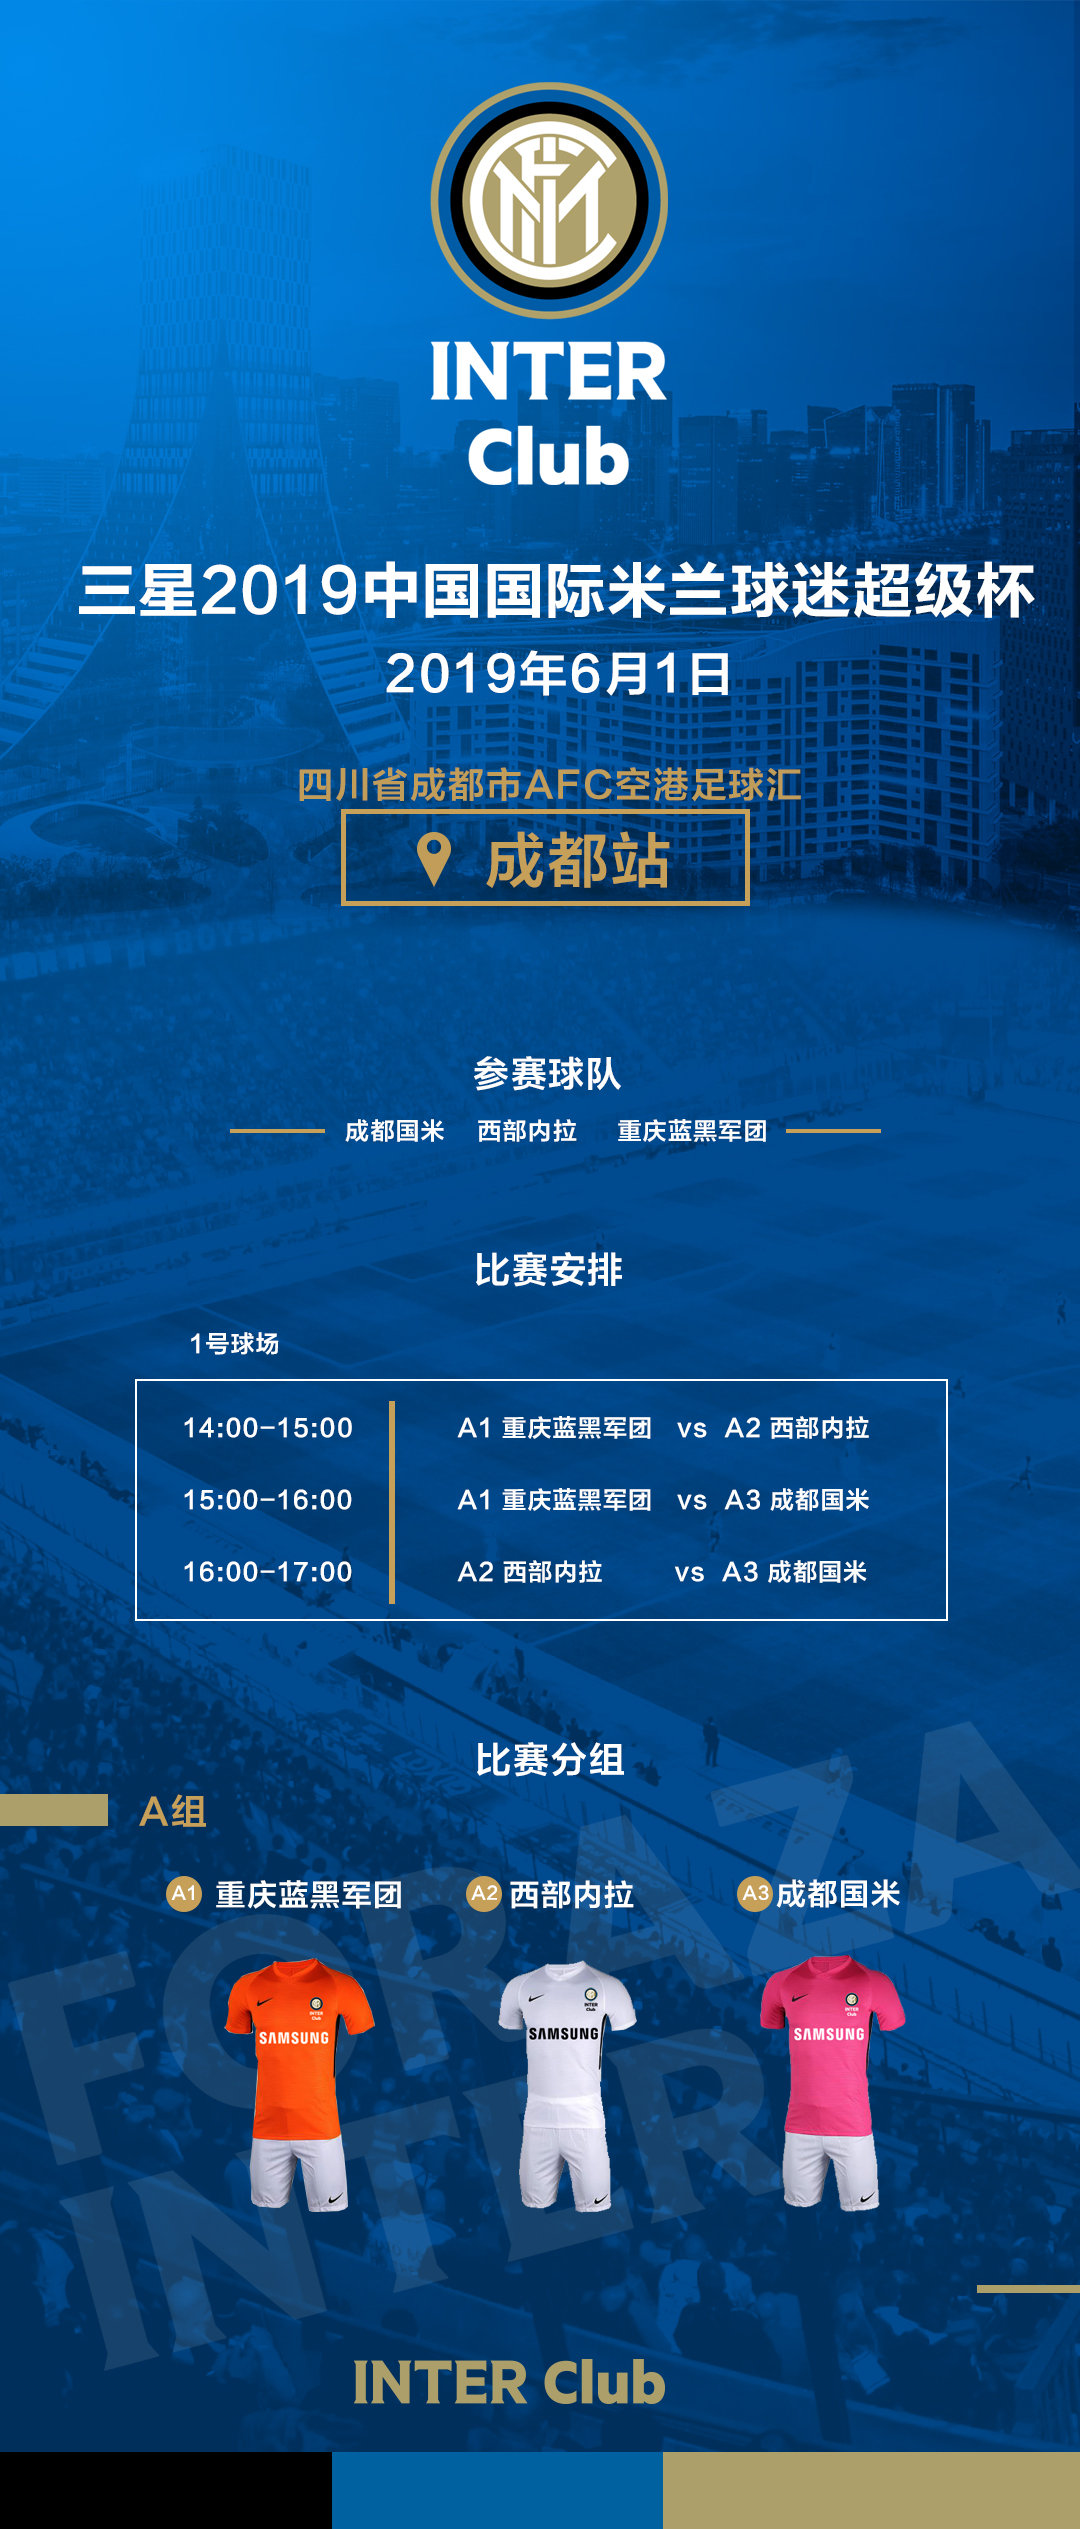 2019三星家电中国国际米兰球迷超级杯第四站即将打响